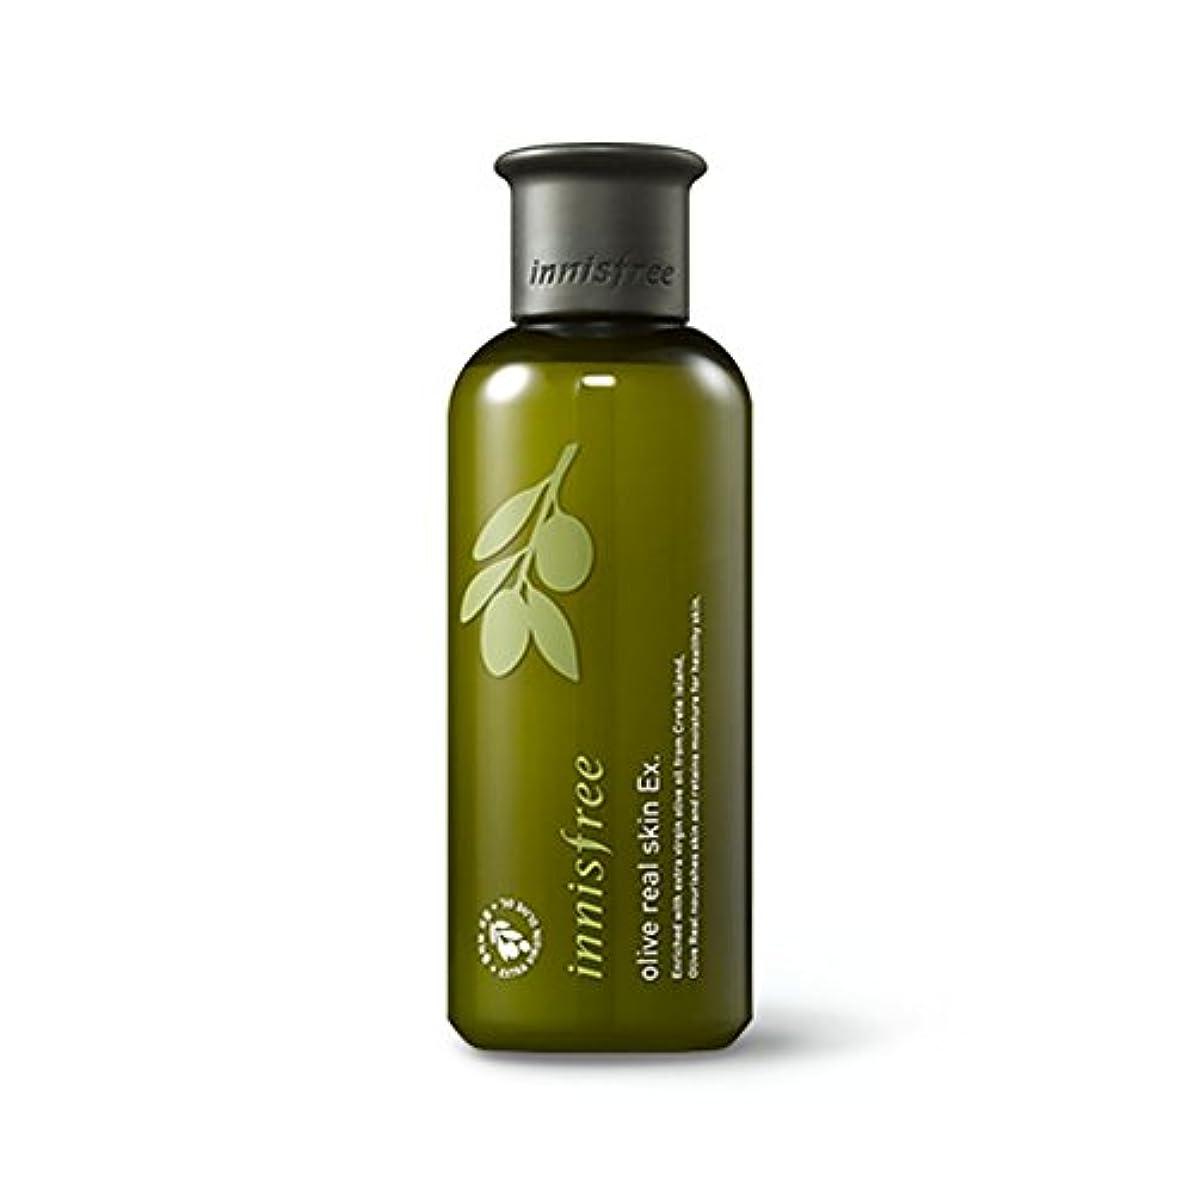 選択する七時半コーデリアイニスフリーオリーブリアルスキン 200ml Innisfree Olive Real Skin Ex. 200ml [海外直送品][並行輸入品]